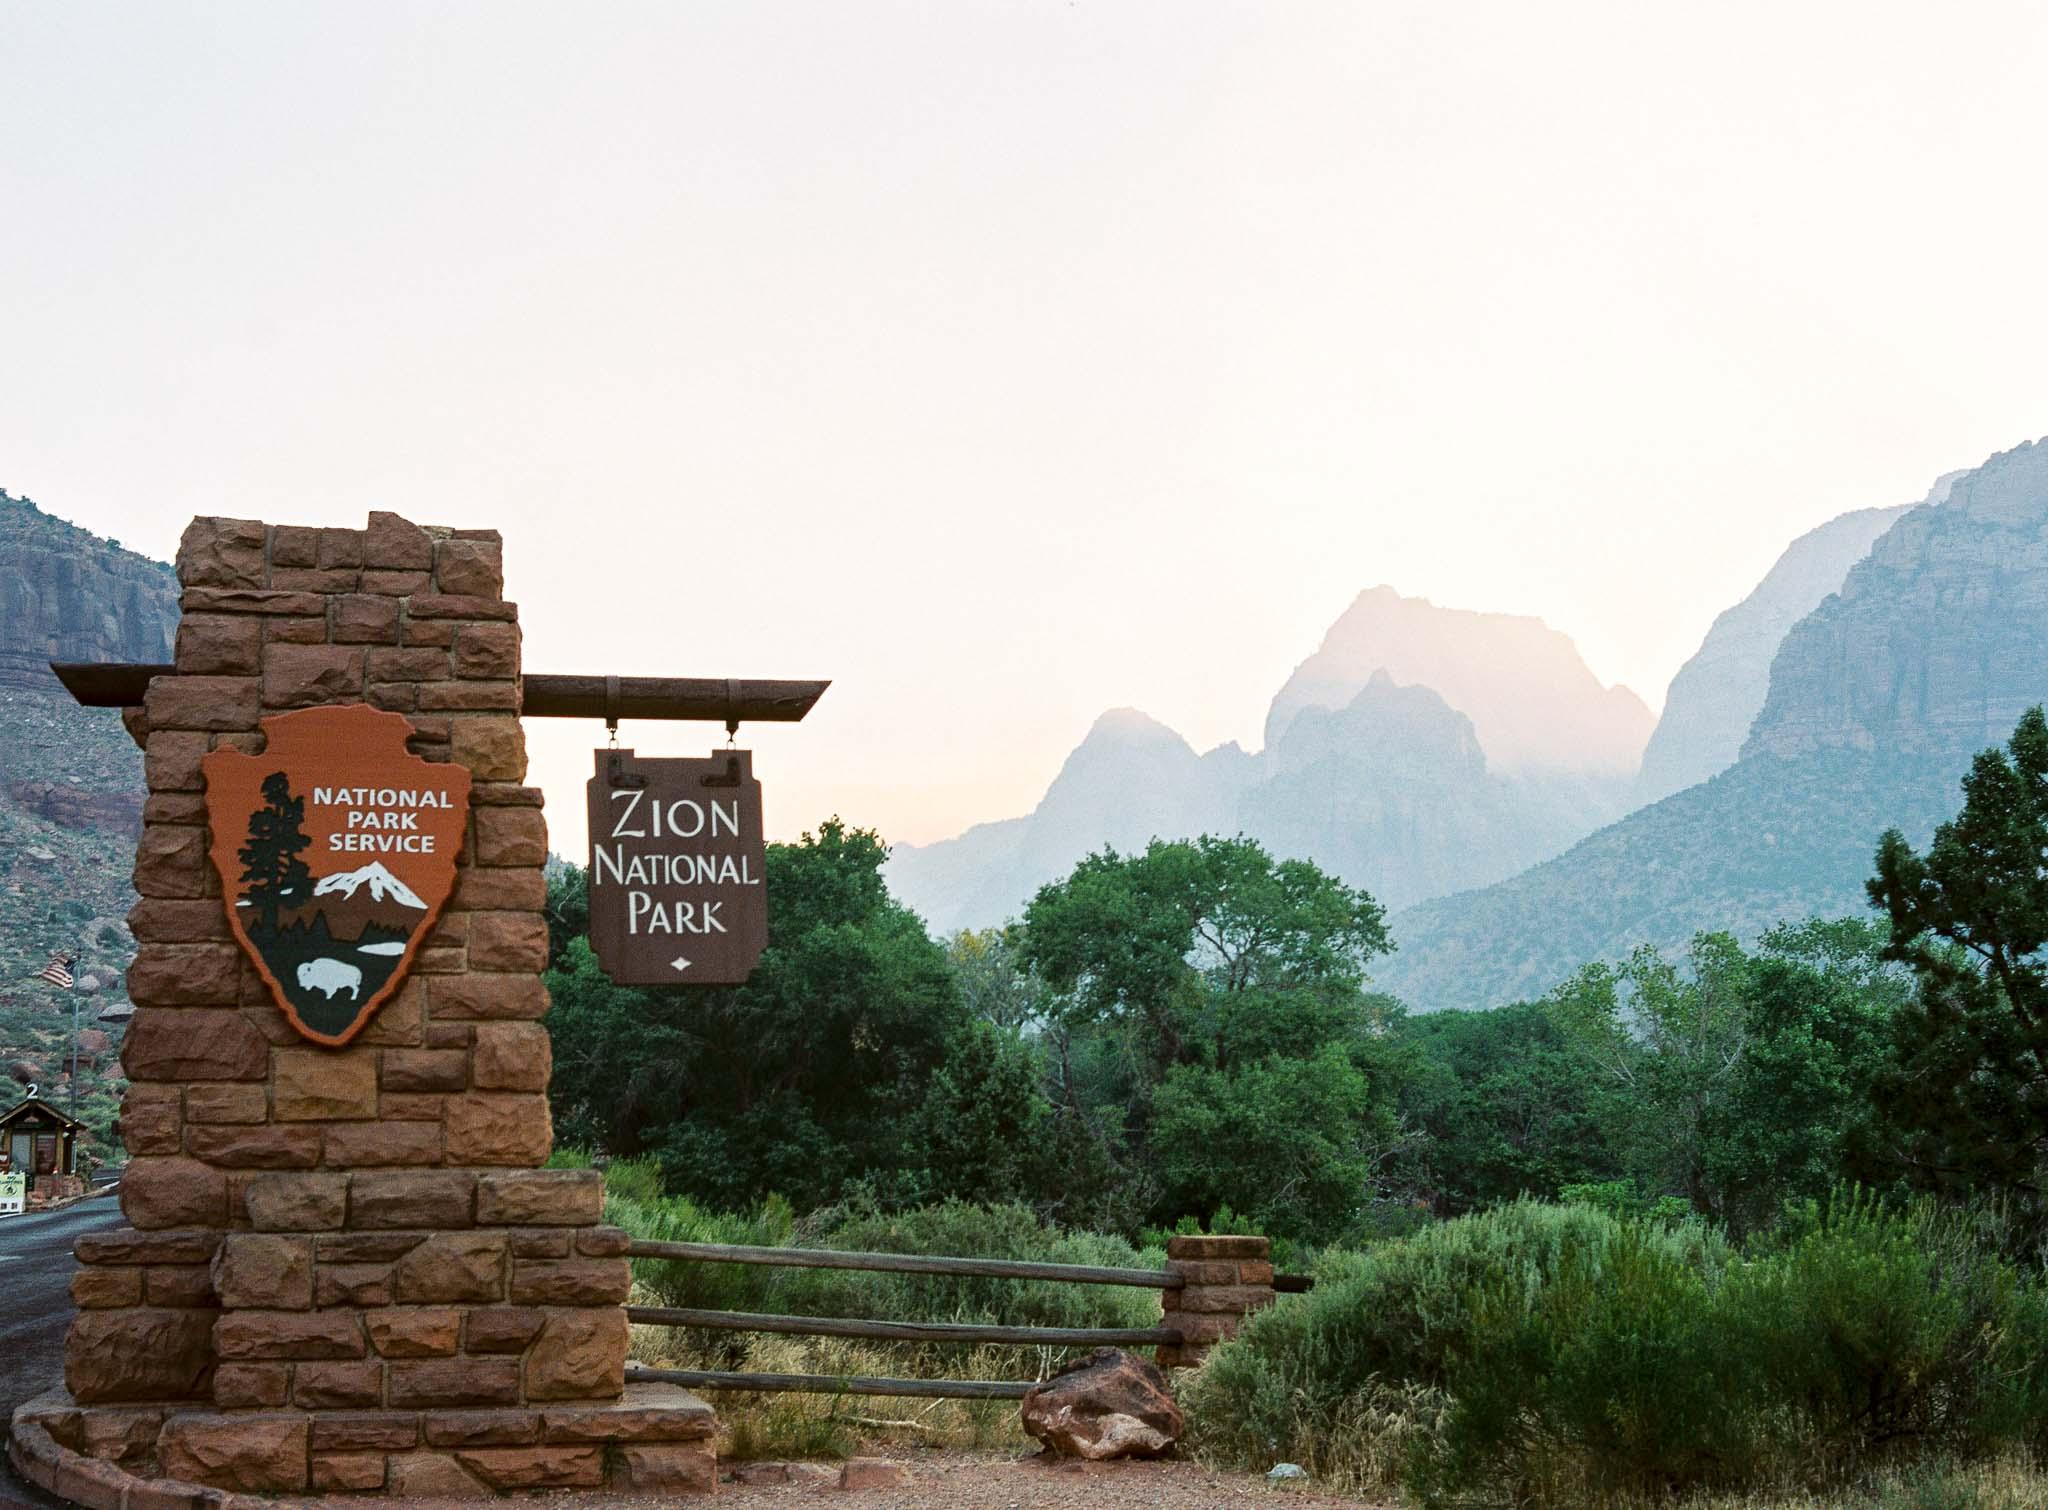 Zion National Park Entrance sign shot on film